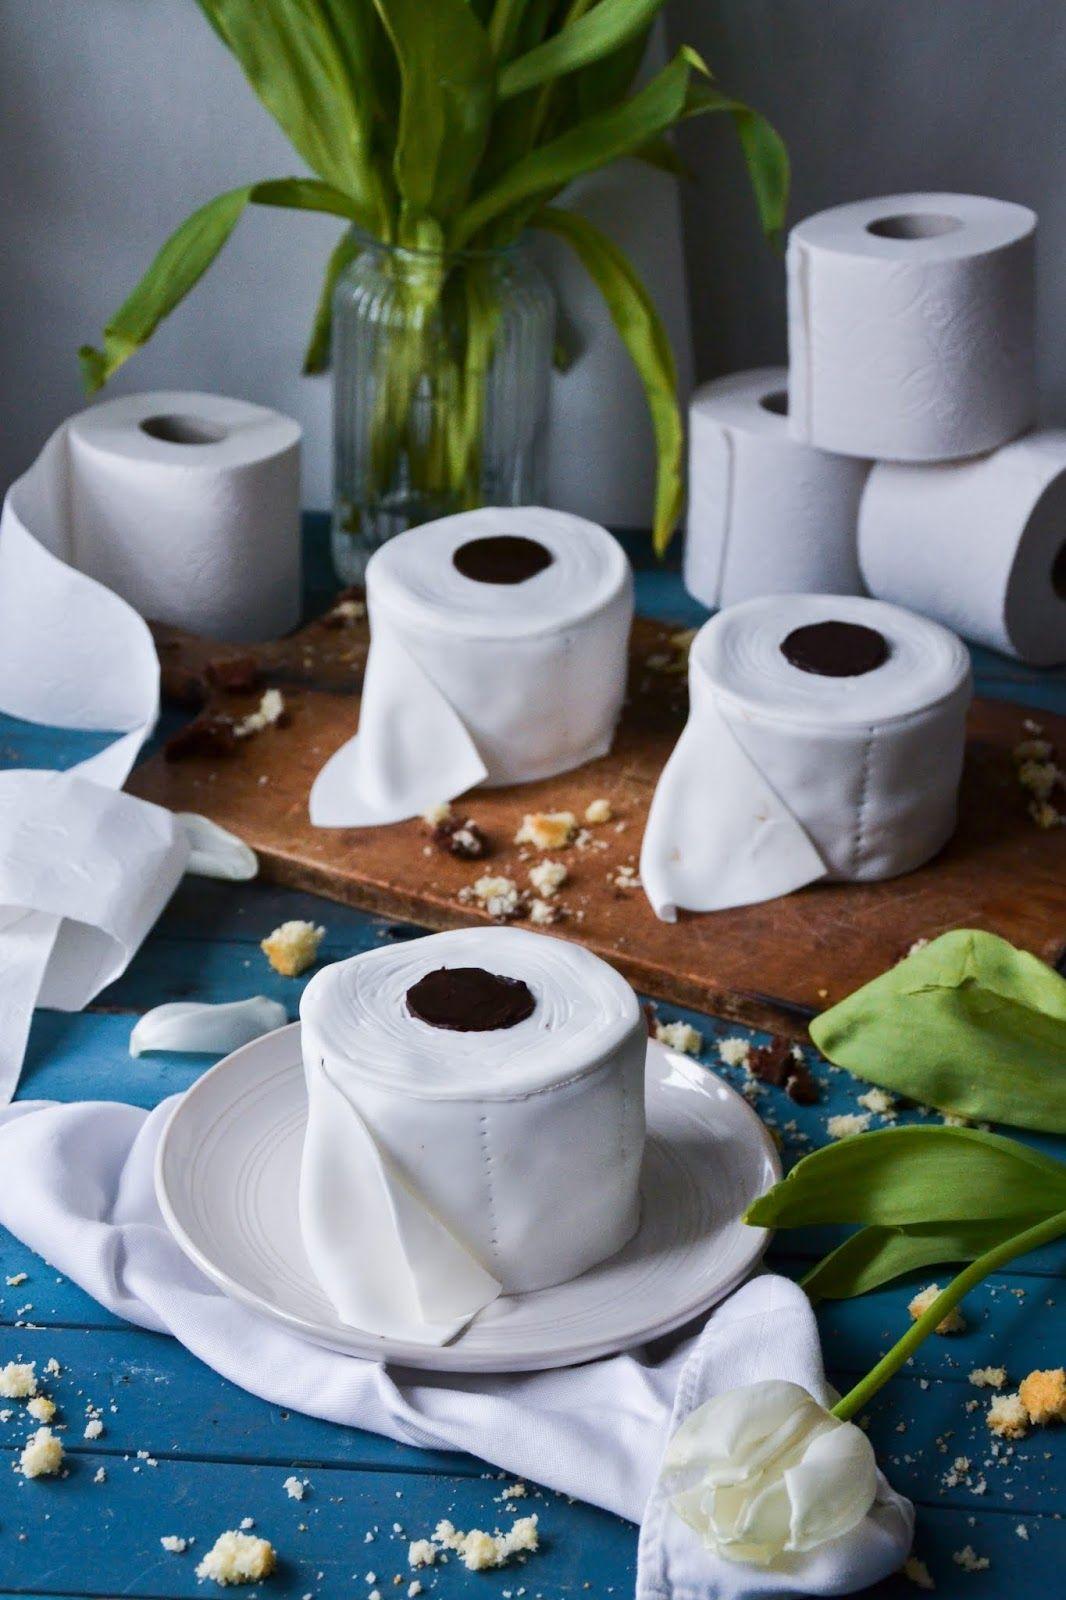 Christina Macht Was Toilettenpapiertorte Klopapierkuchen Klopapiertortchen In 2020 Toilettenpapiertorte Klopapiertorte Barbie Torte